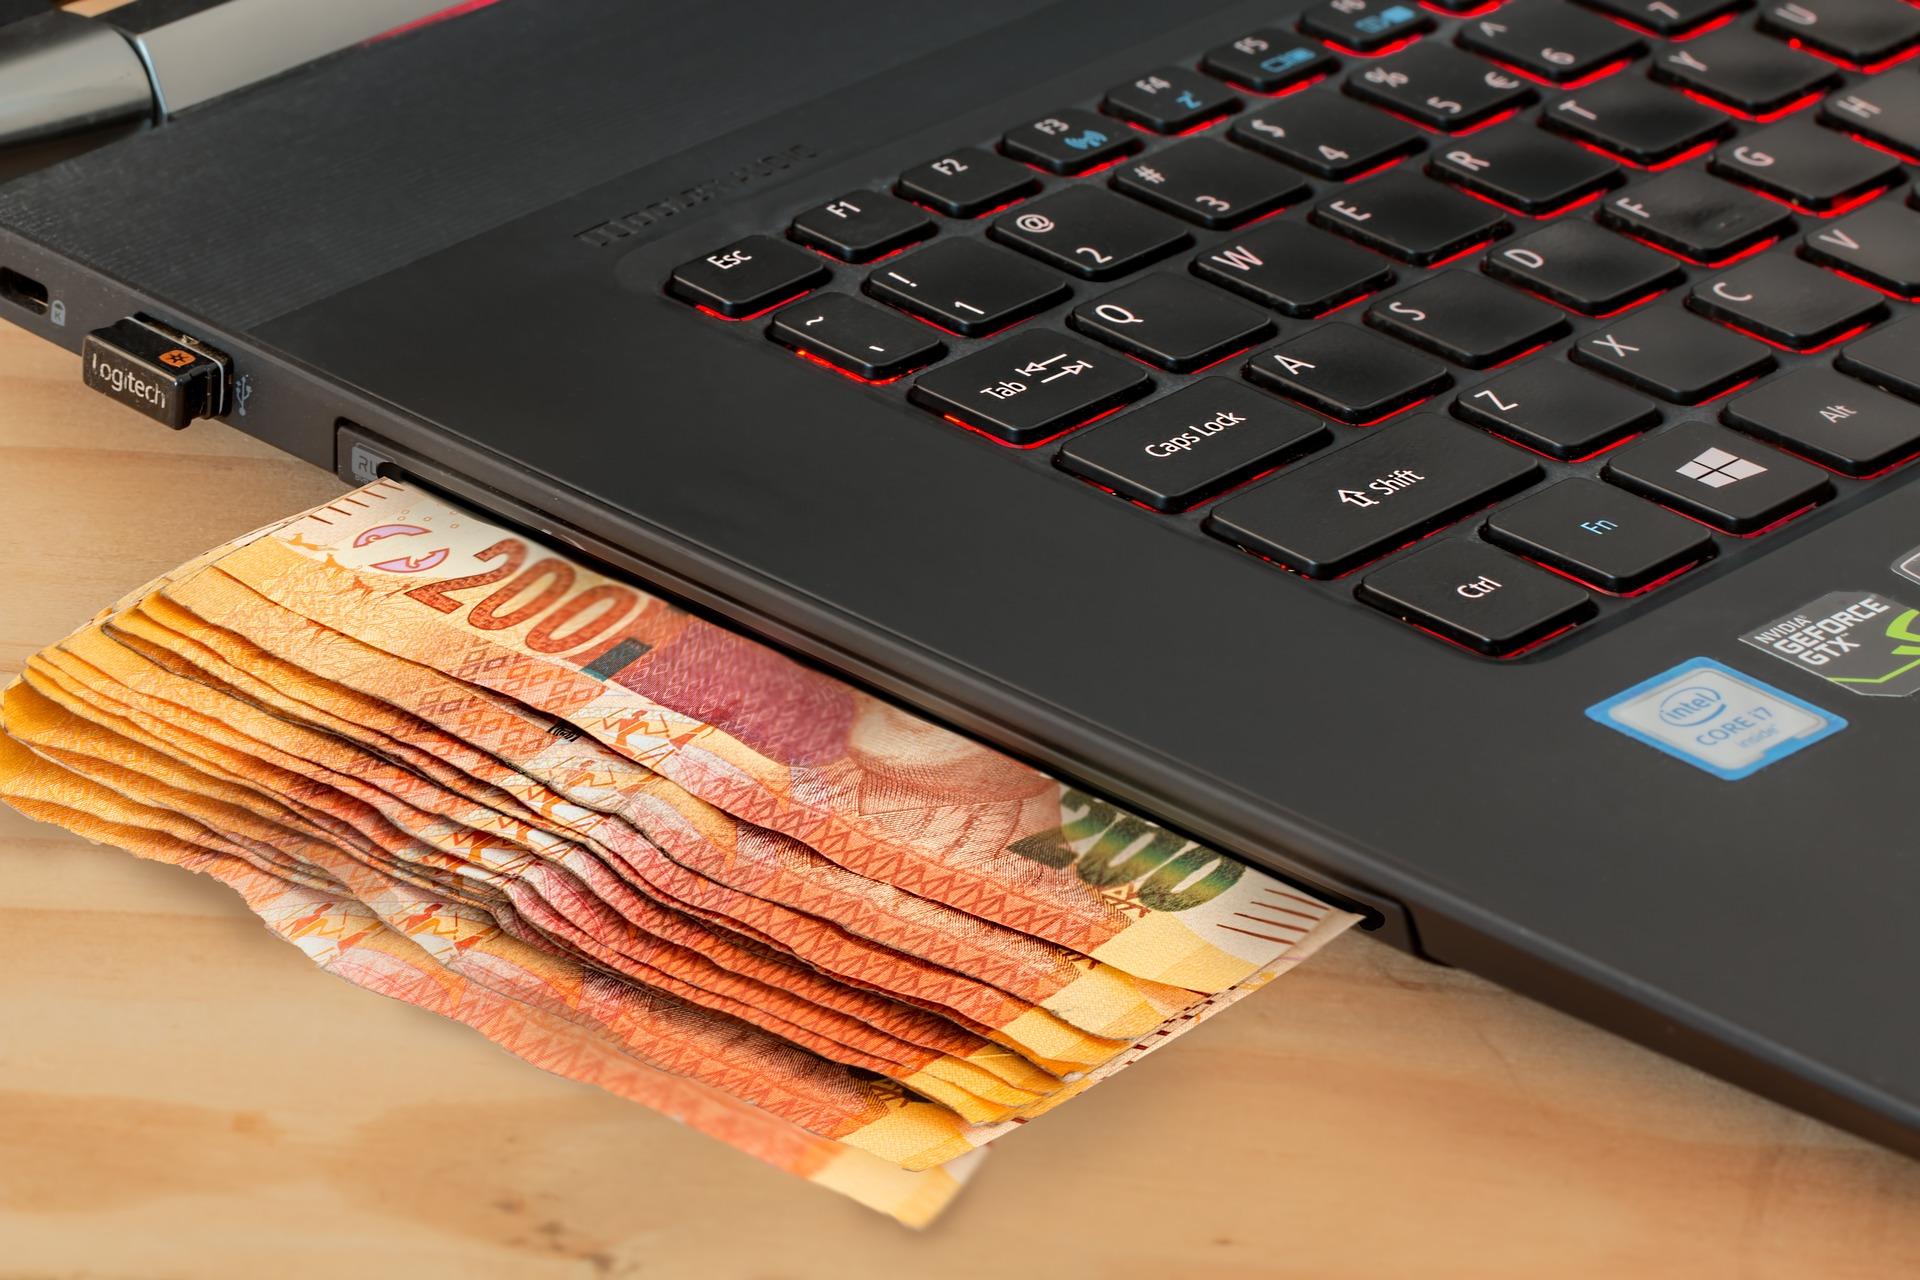 Vemos algumas notas de dinheiro ao lado de um computador (imagem ilustrativa). Texto: e-commerce.